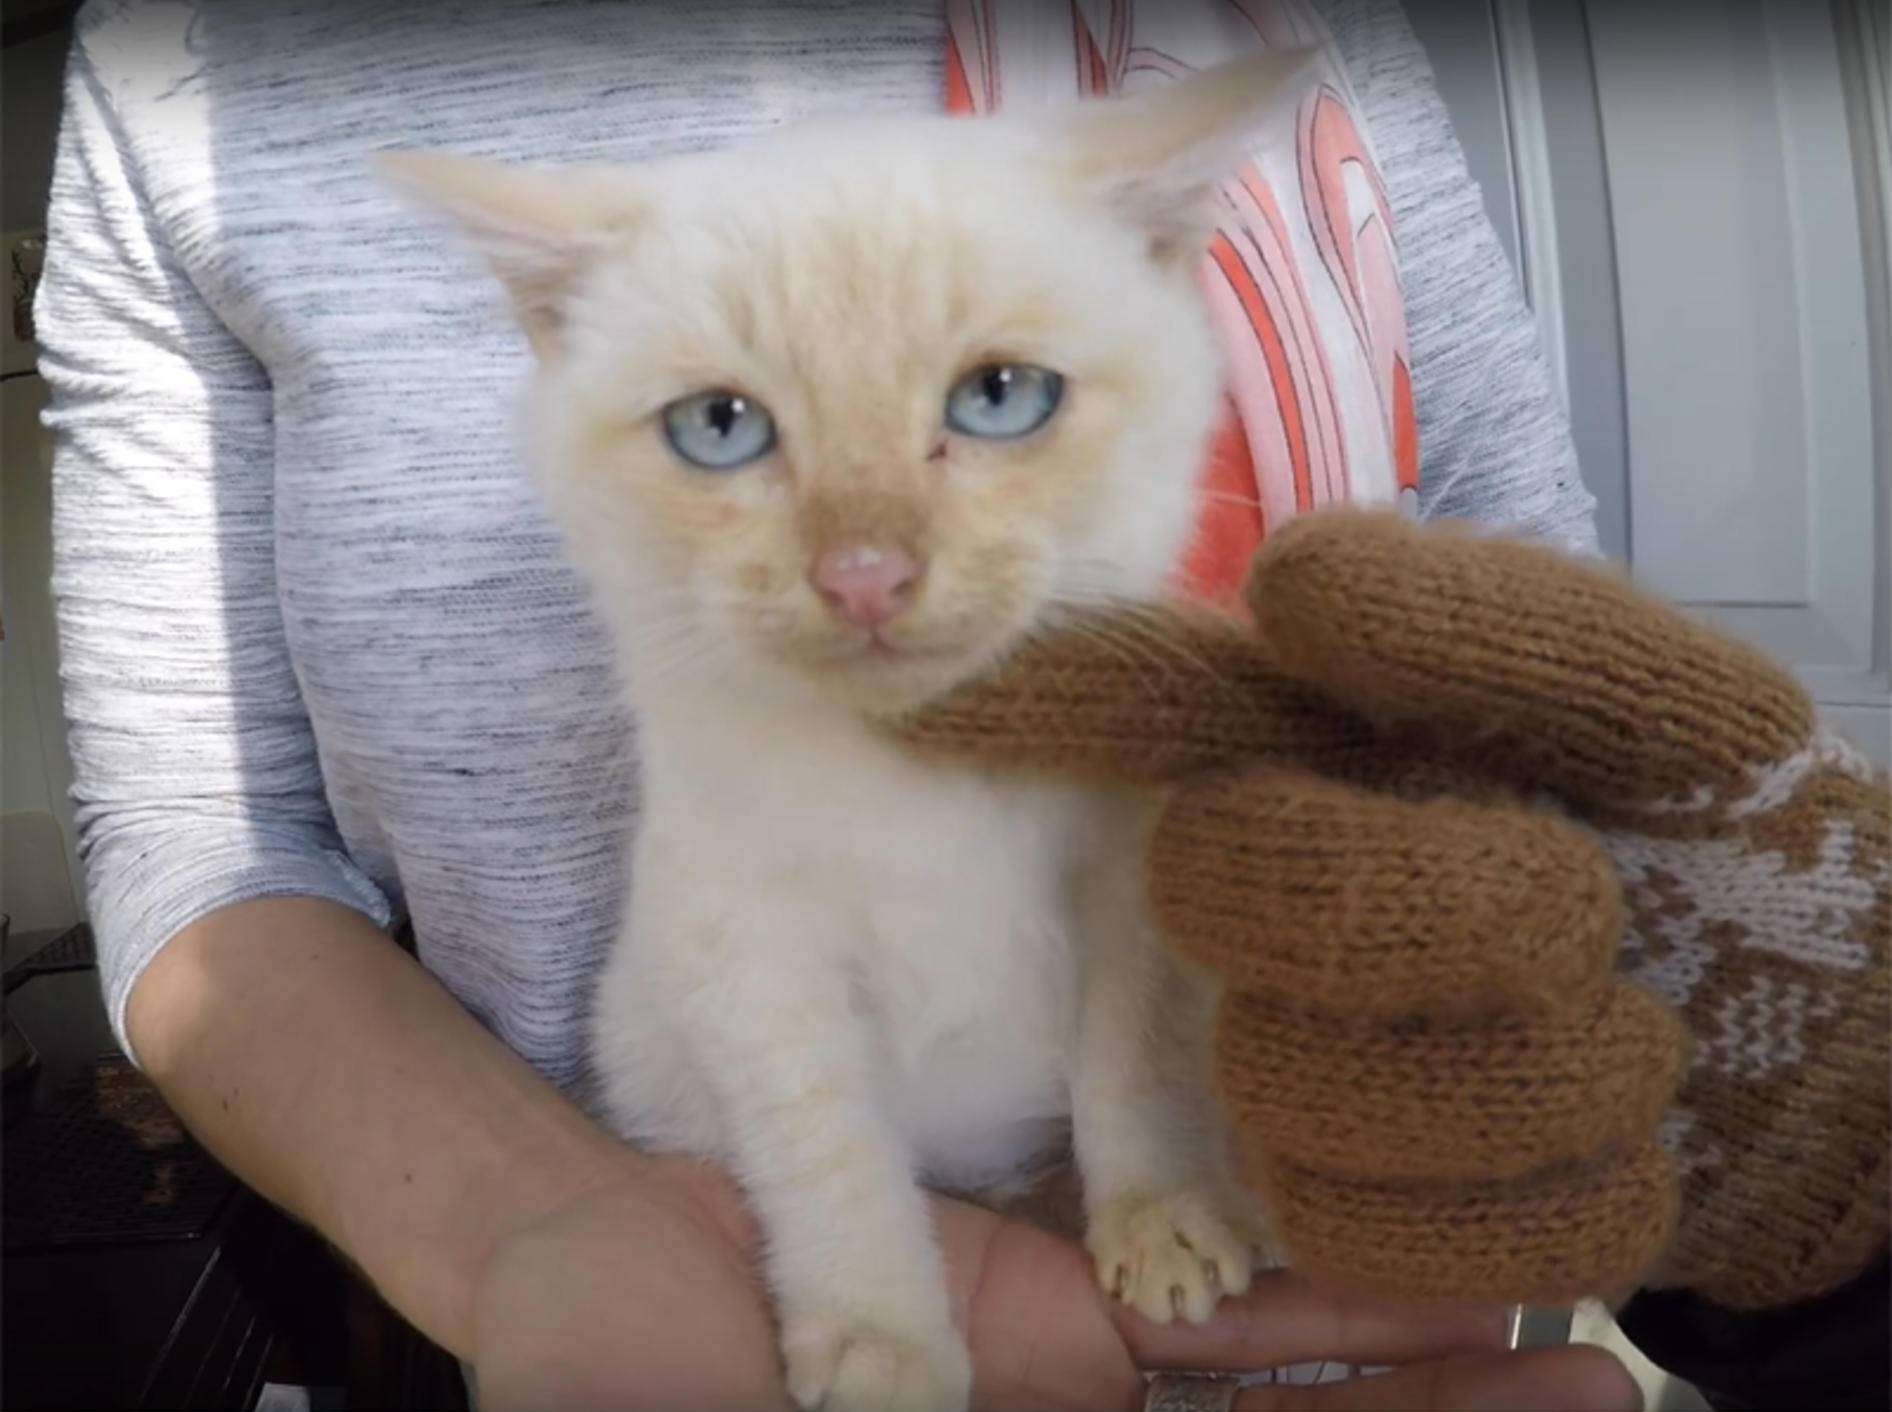 Kätzchen Lazarus wurde vorm Erfrieren gerettet und erholt sich im neuen Zuhause – YouTube / Branden Bingham